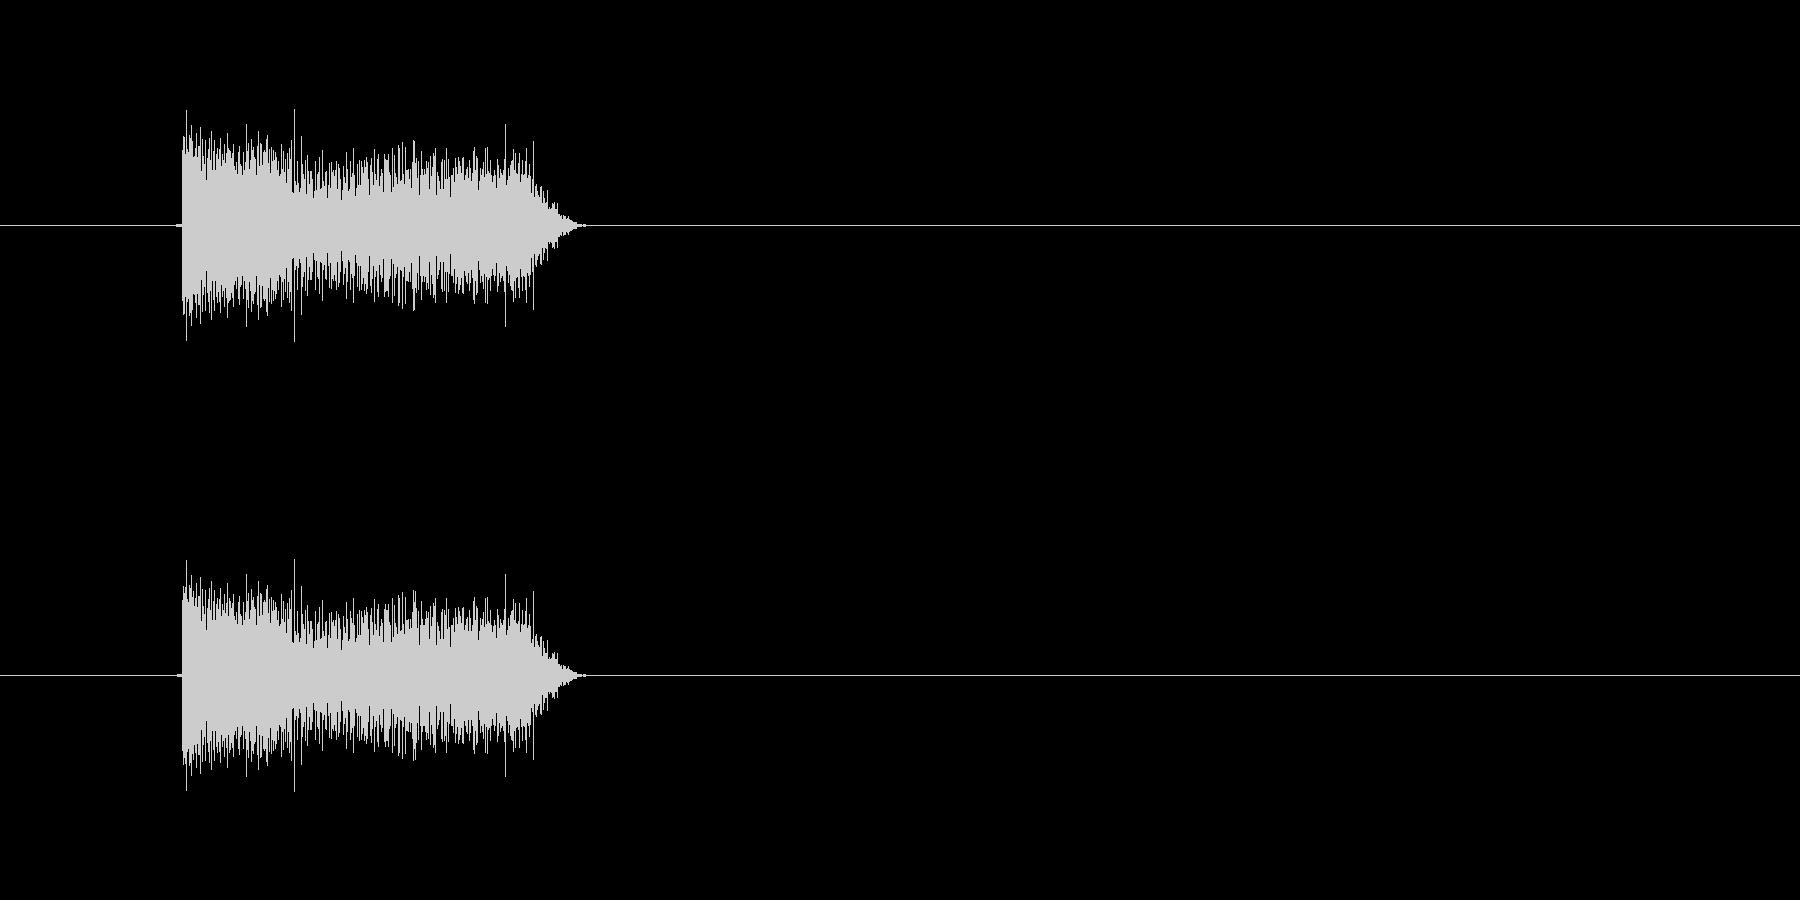 ボタン音。アラーム音、警告音などにの未再生の波形